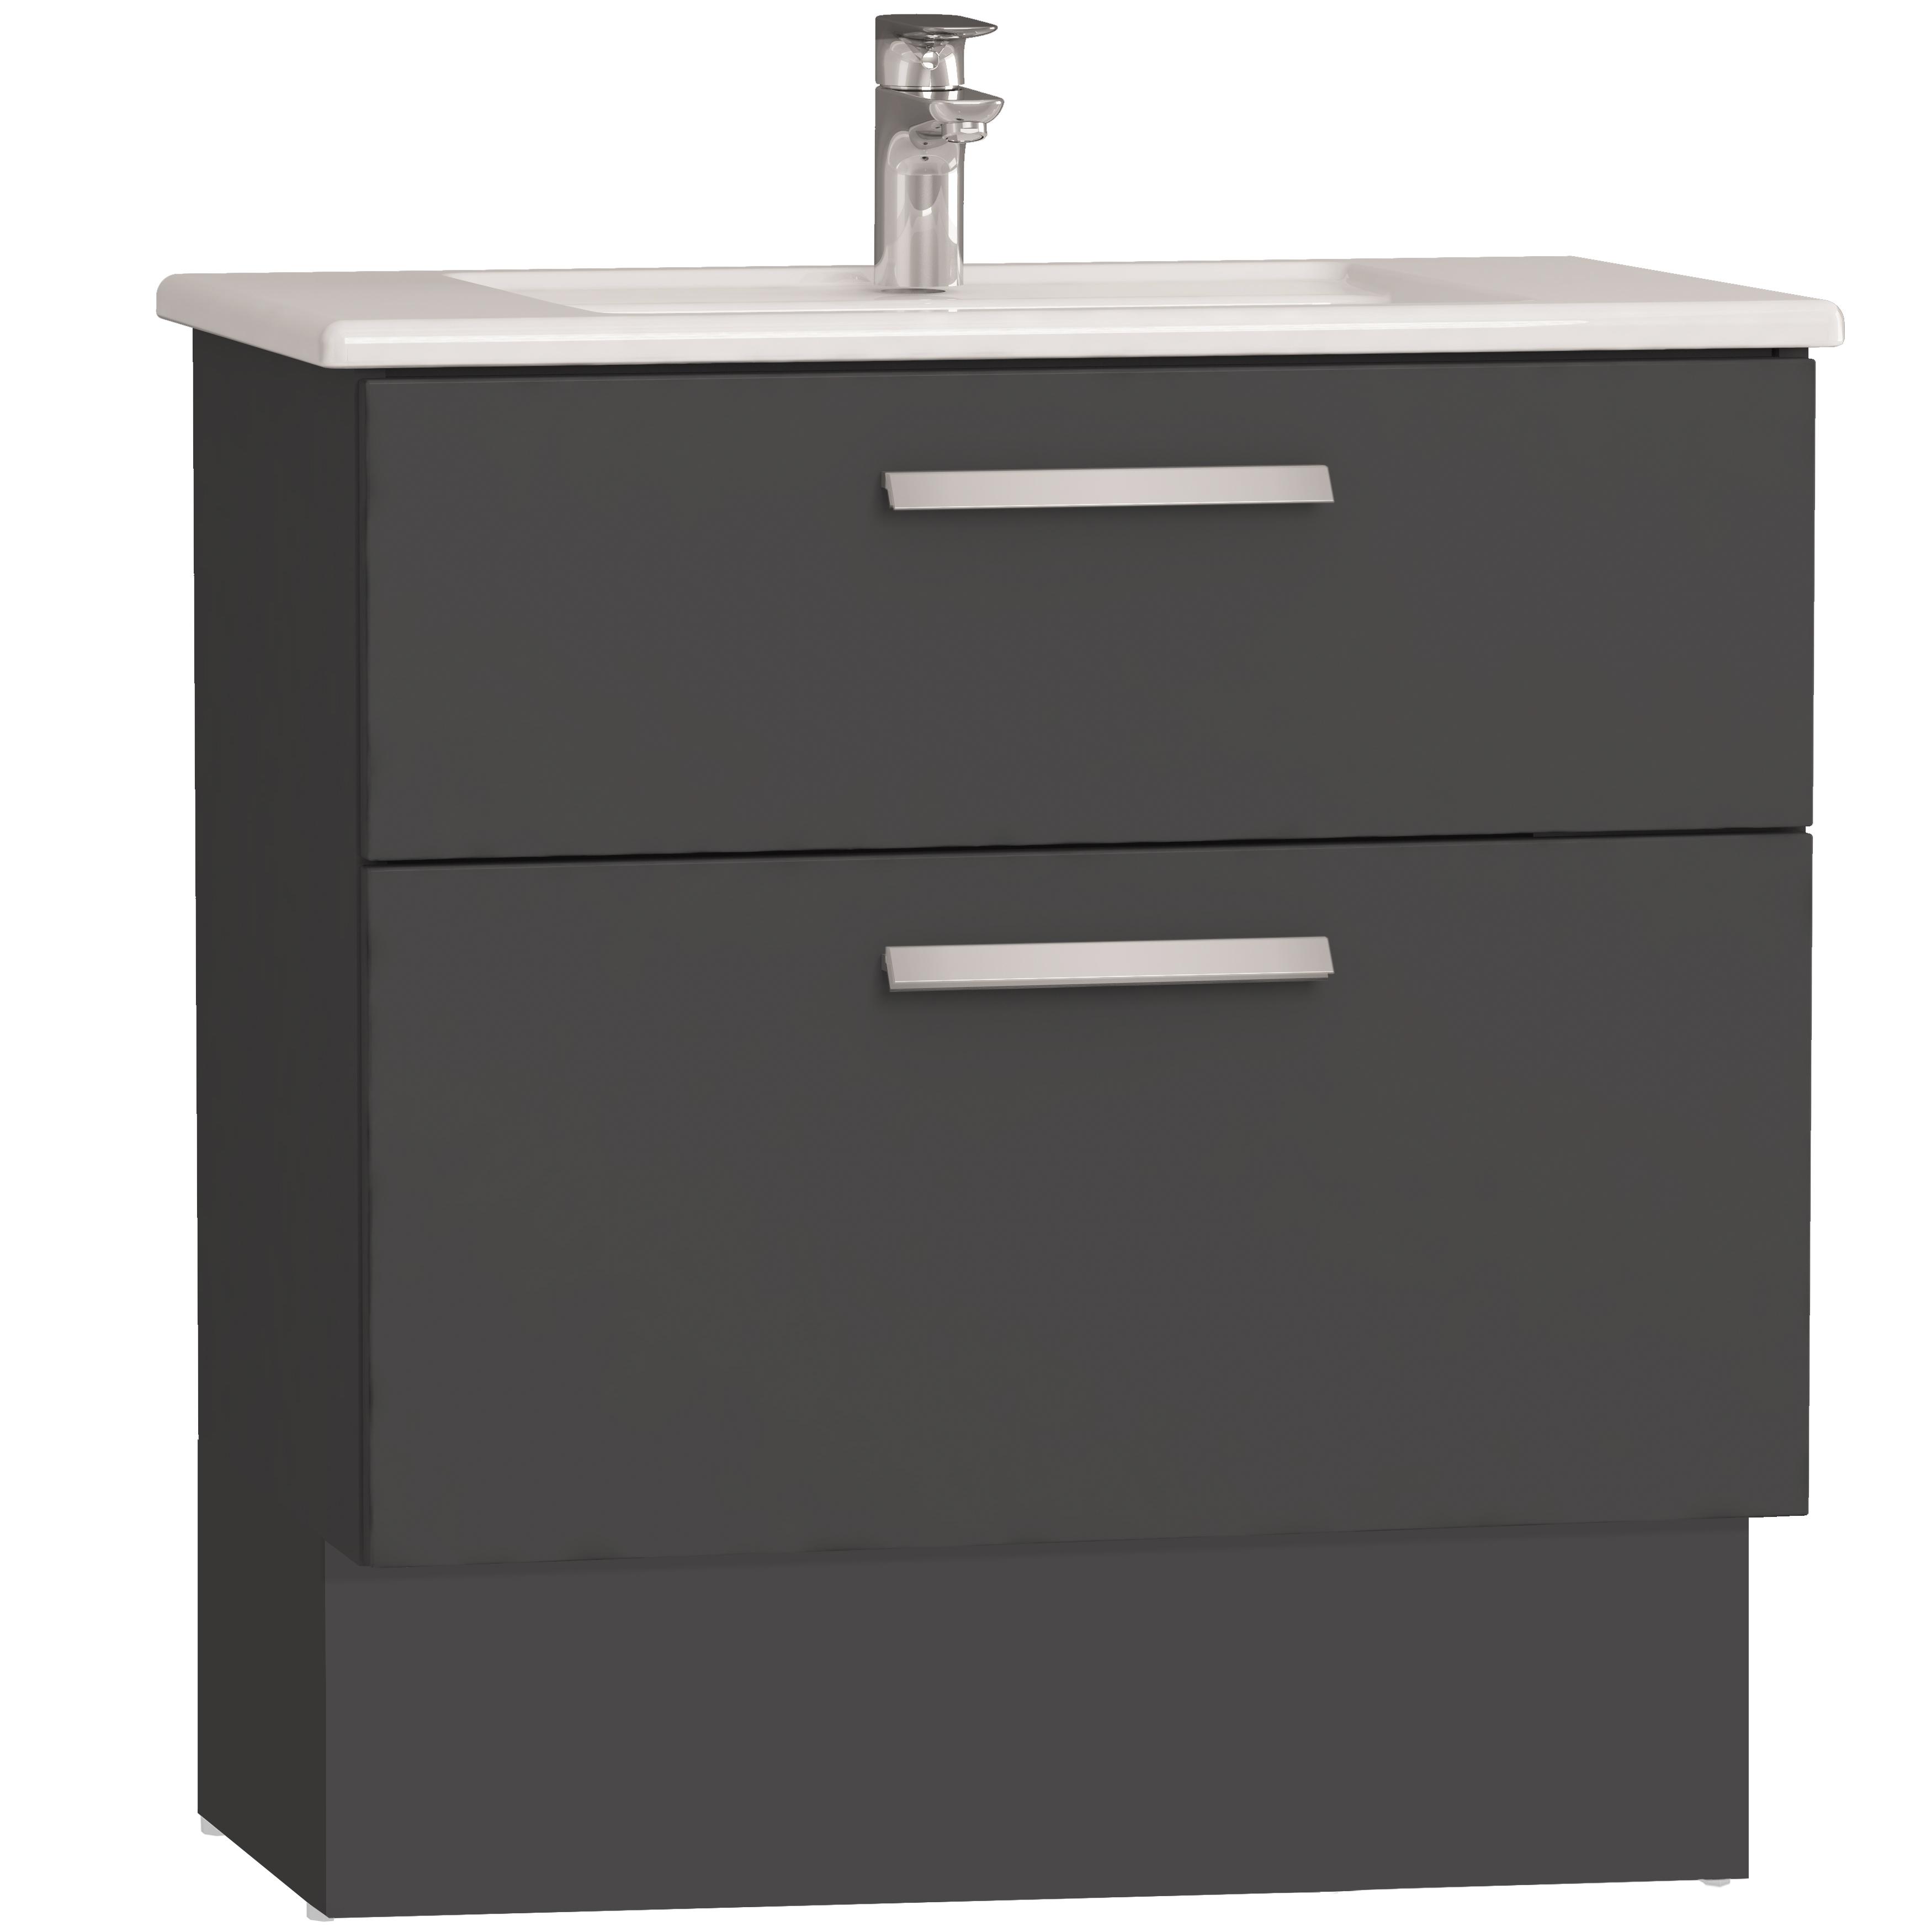 Integra socle pour meuble avec plan céramique avec deux tiroirs, 80 cm, anthraciteacite haute brillance